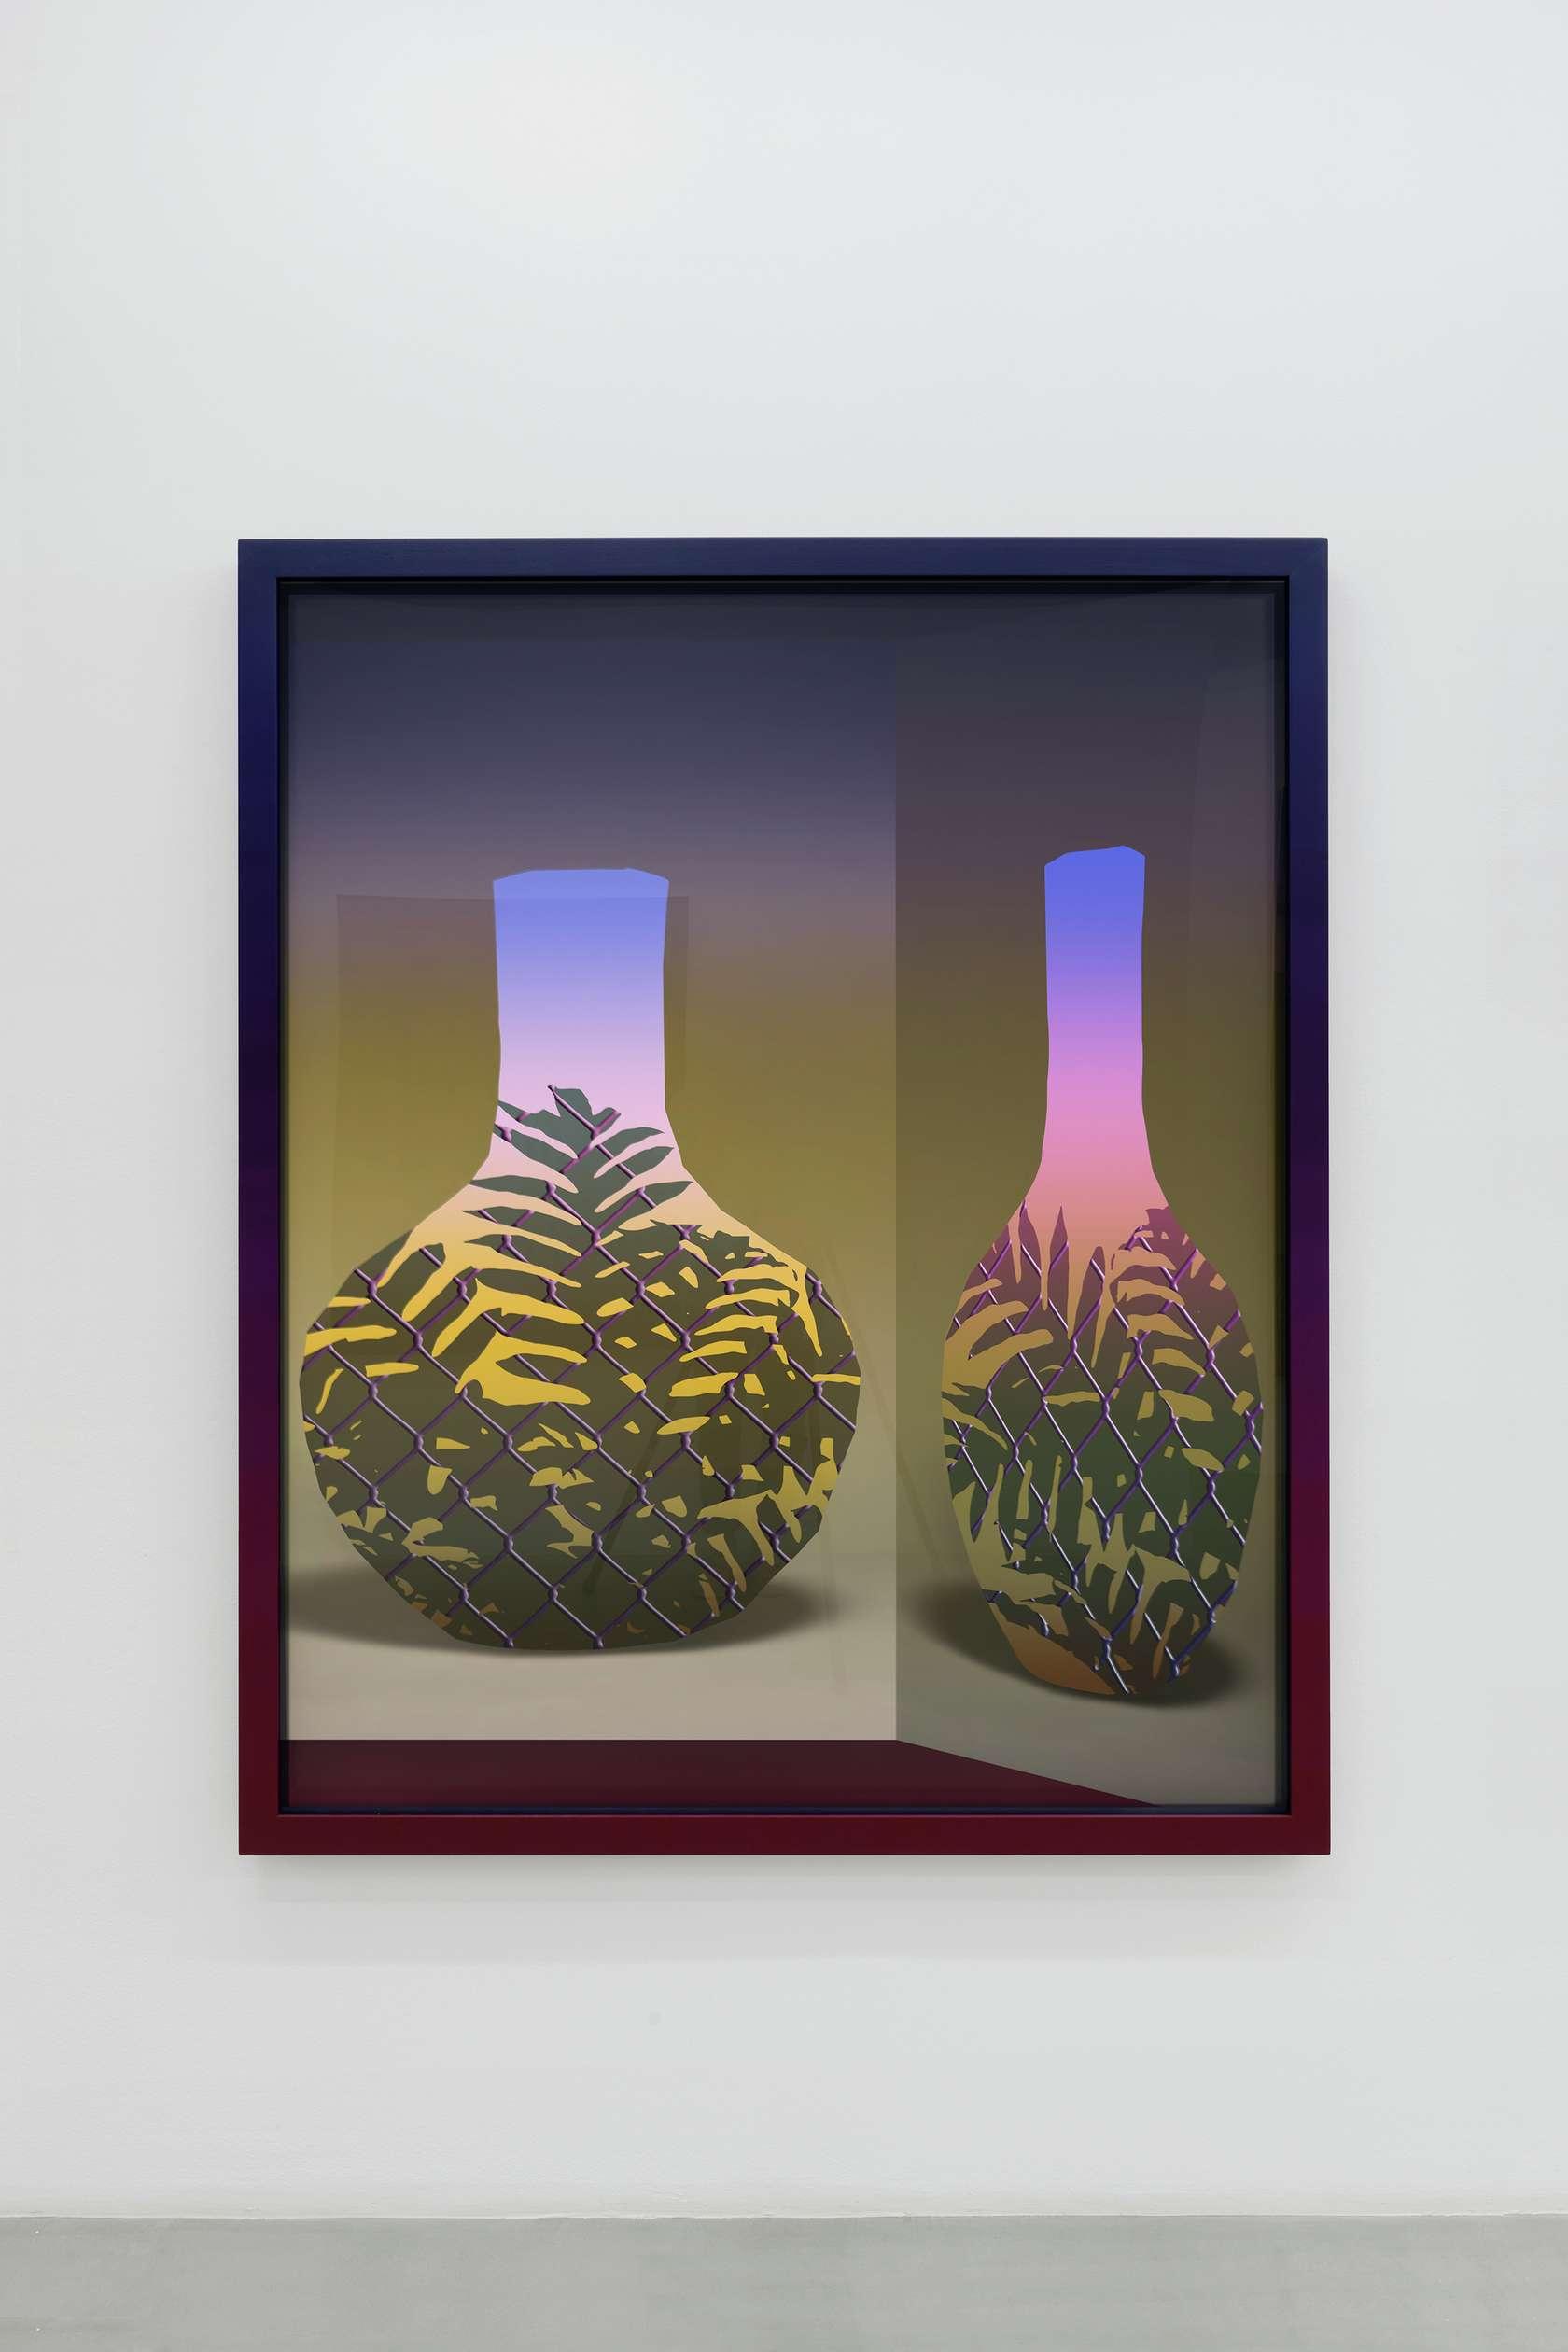 Amélie Bertrand, Muddy water, 2018 Tirage argentique et cadre peint - pièce unique168.5 × 138.5 × 6 cm / 66 3/8 × 54 1/2 × 2 3/8 in.